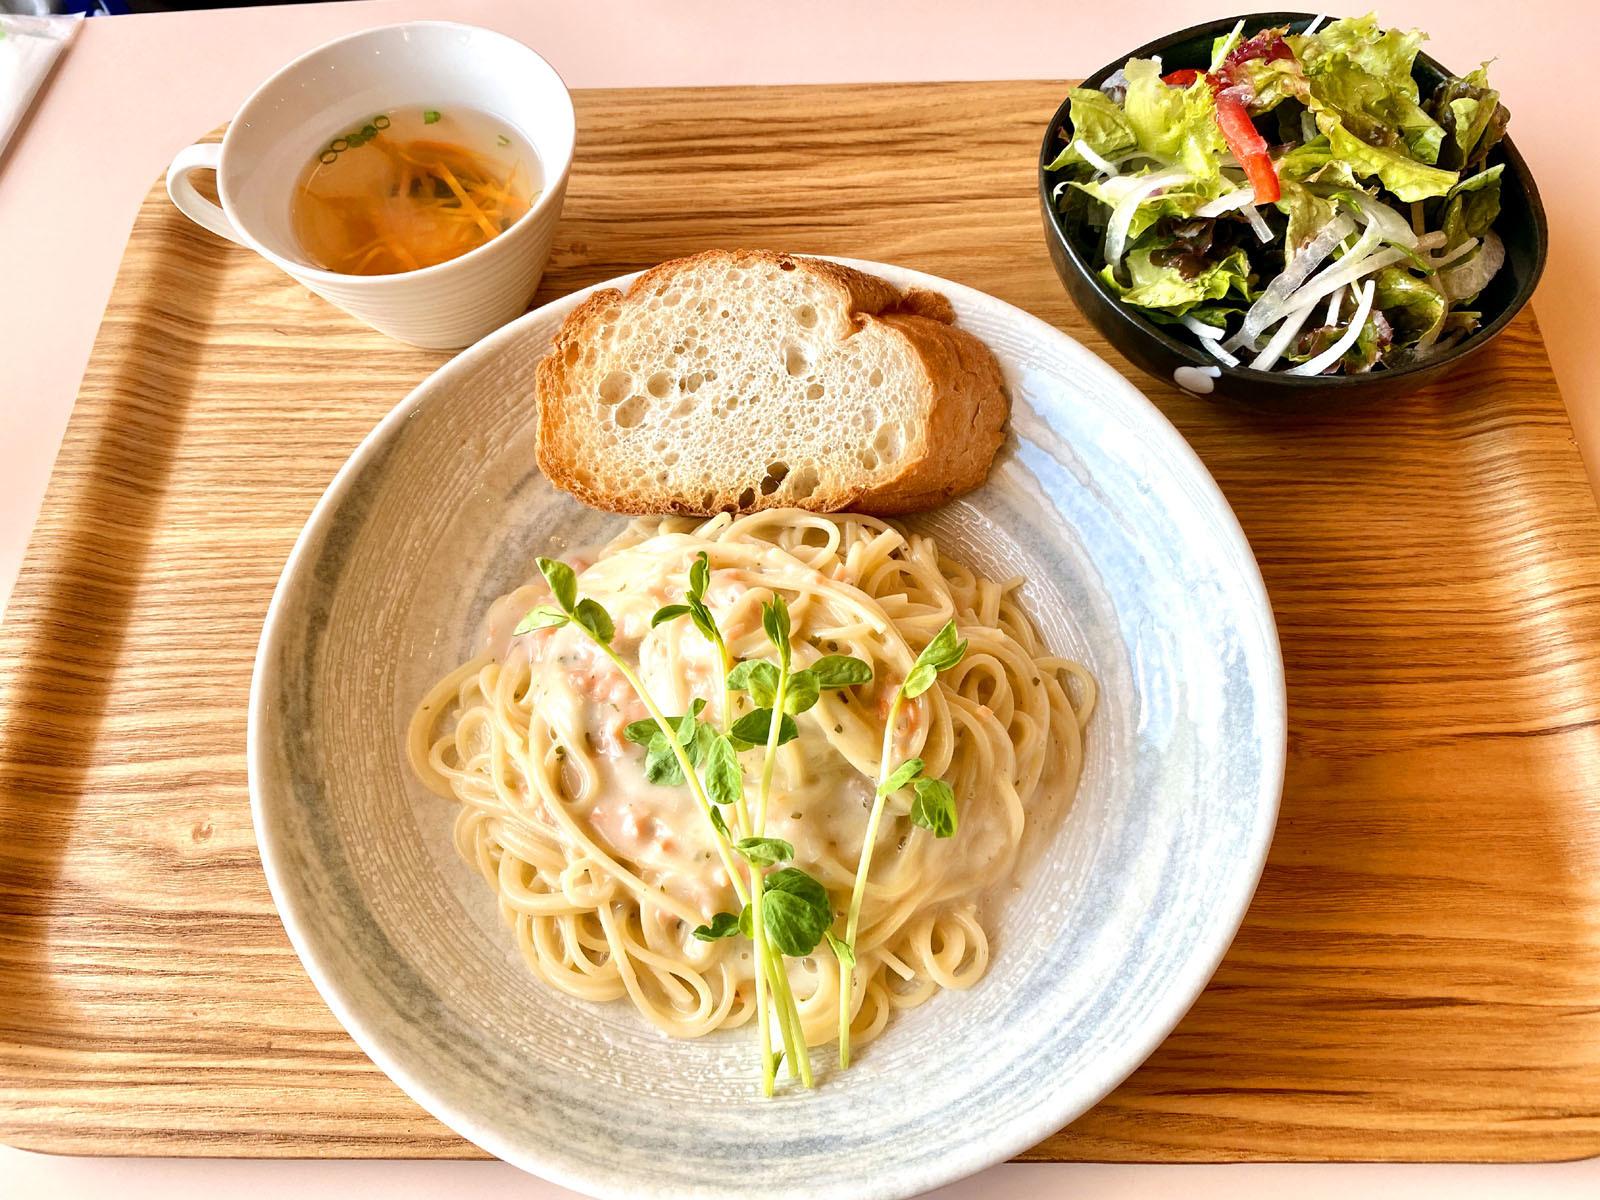 もなみランチ Bサーモンのクリームパスタ (ケーキ、ドリンク付き)1300円